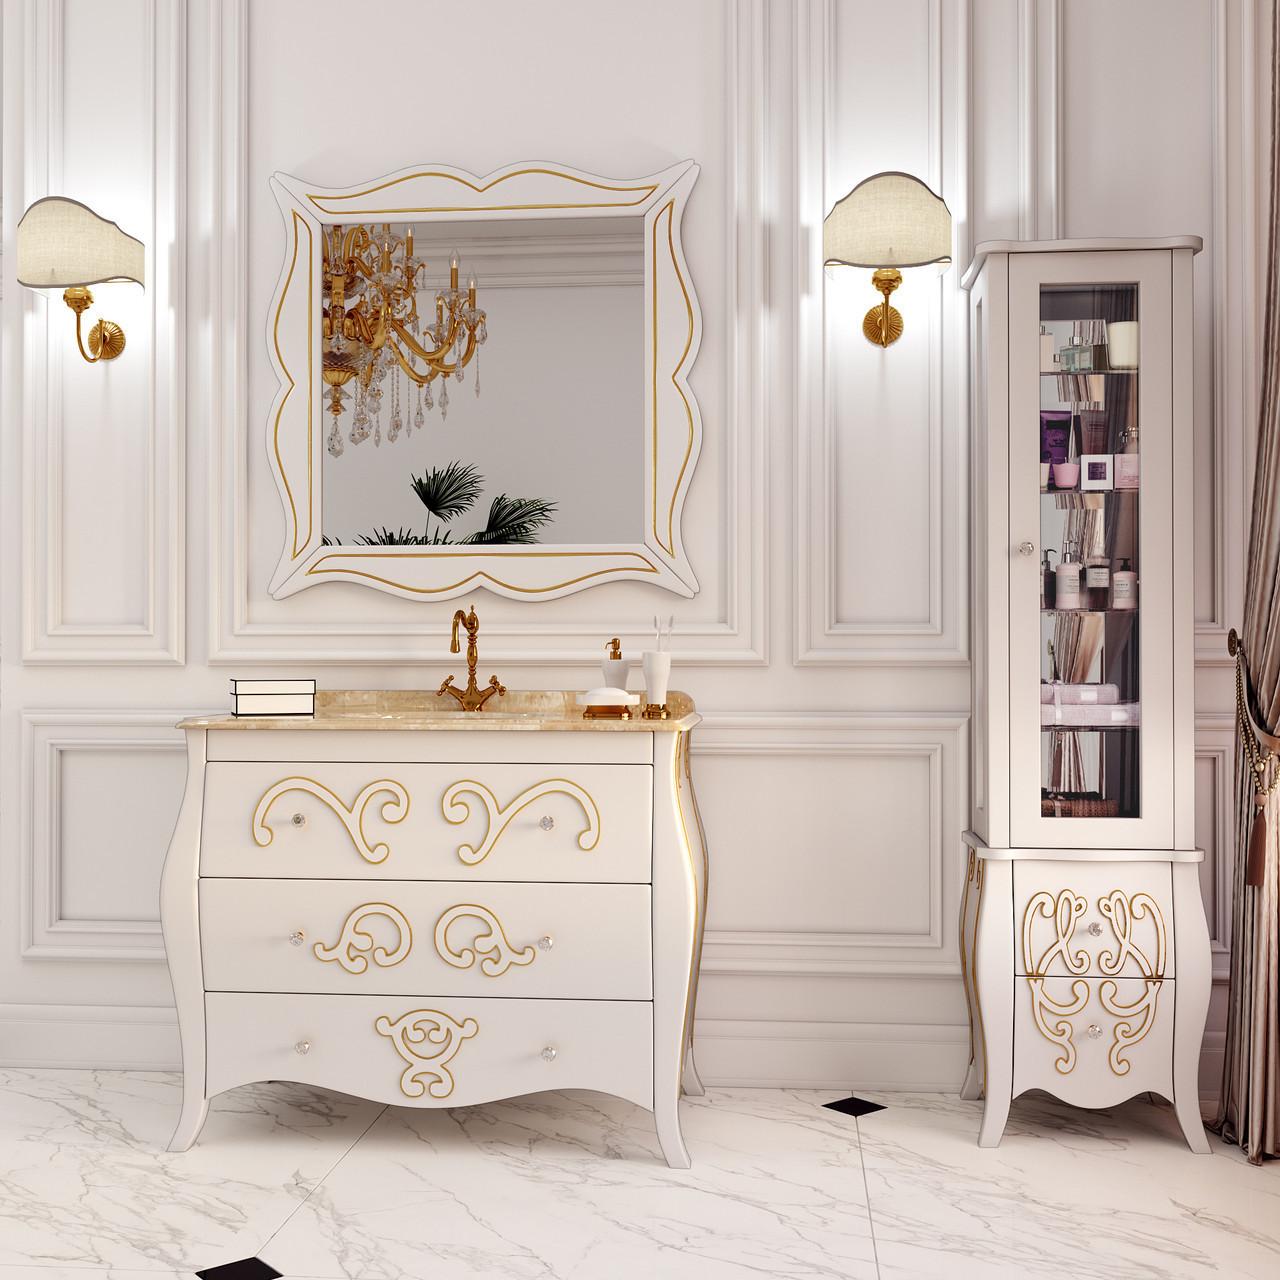 Тумба для ванной комнаты Marsan Arlette 1200 контур золото